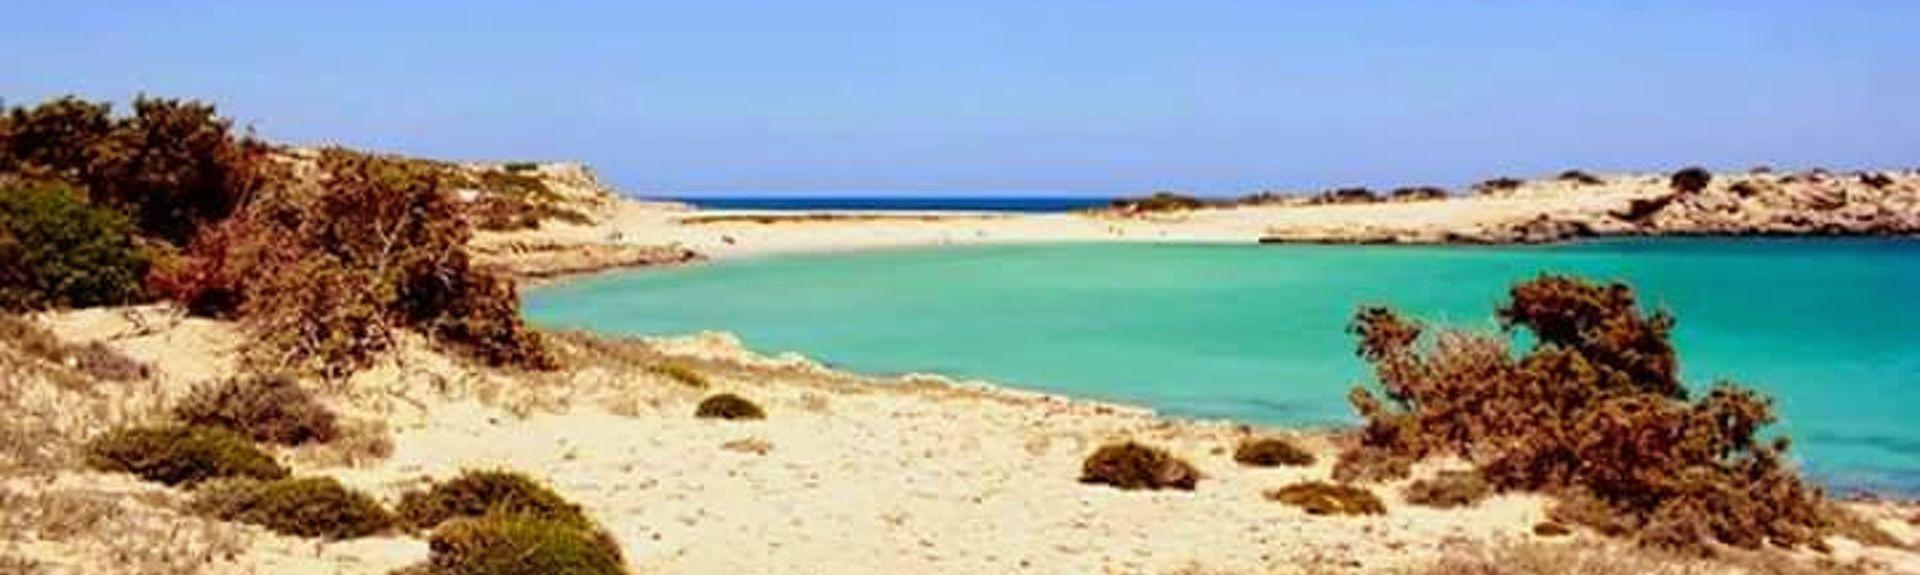 Diafani-stranden, Kárpathos, De egeiske øyer, Hellas